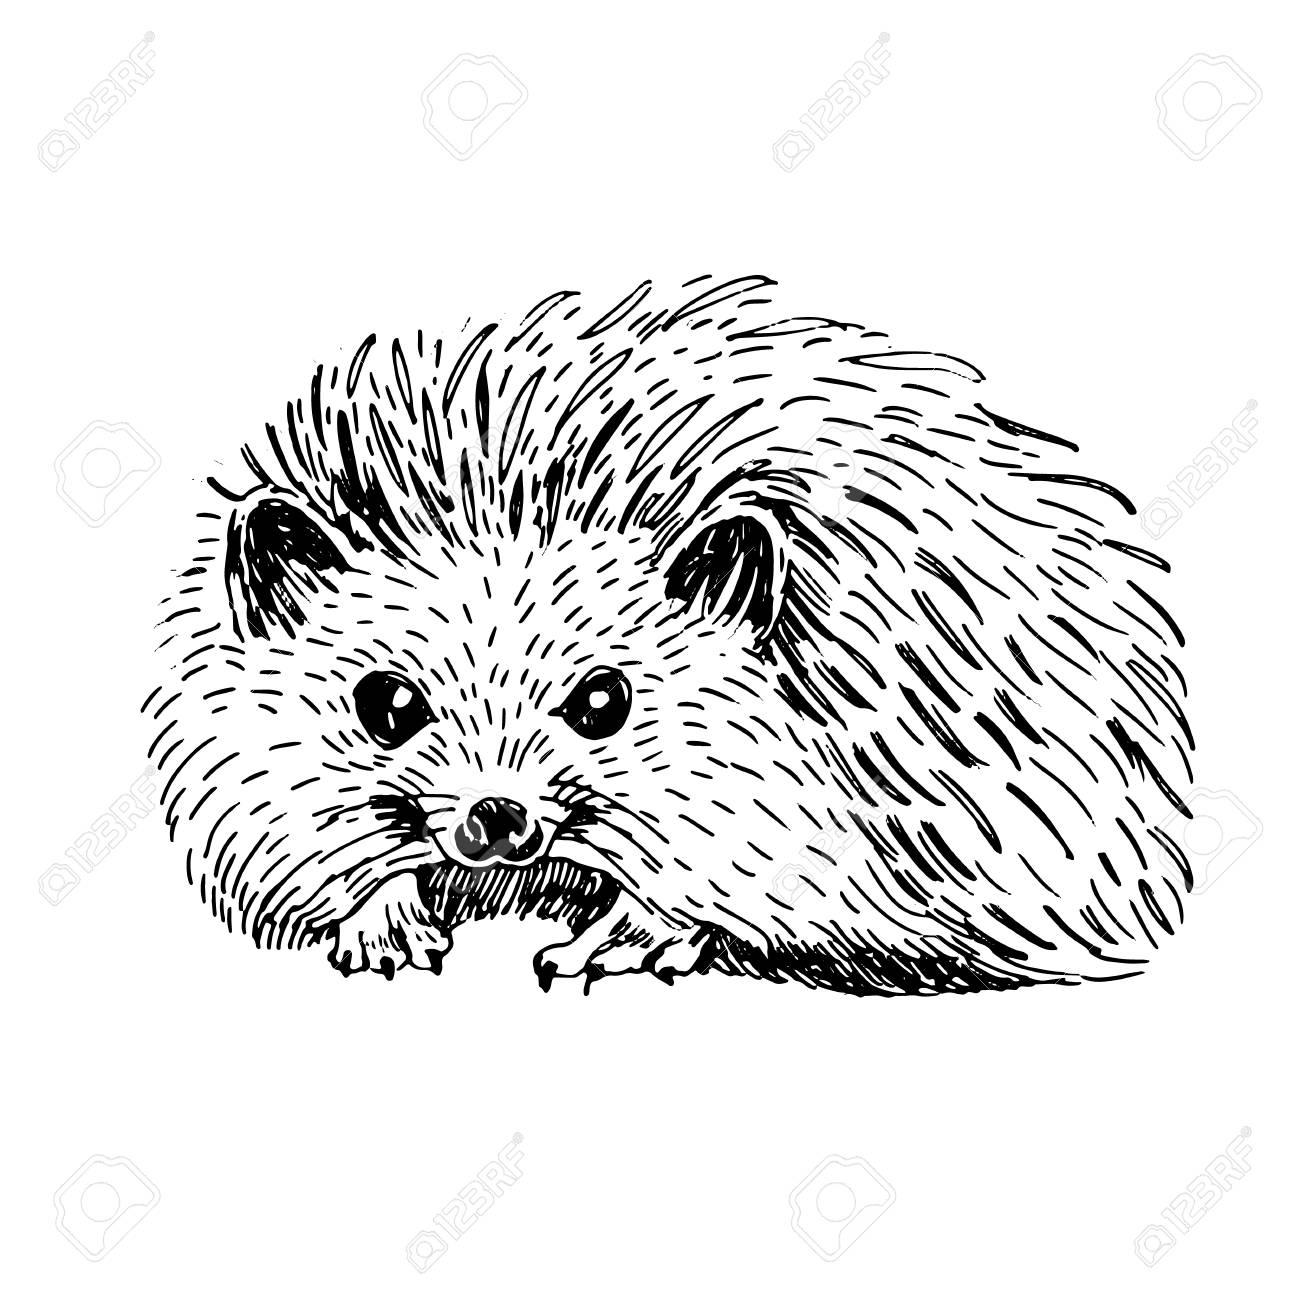 Esquisse Dessin Au Trait D Art De Hérisson Illustration Vectorielle Noir Et Blanc Animal Mignon Dessiné à La Main